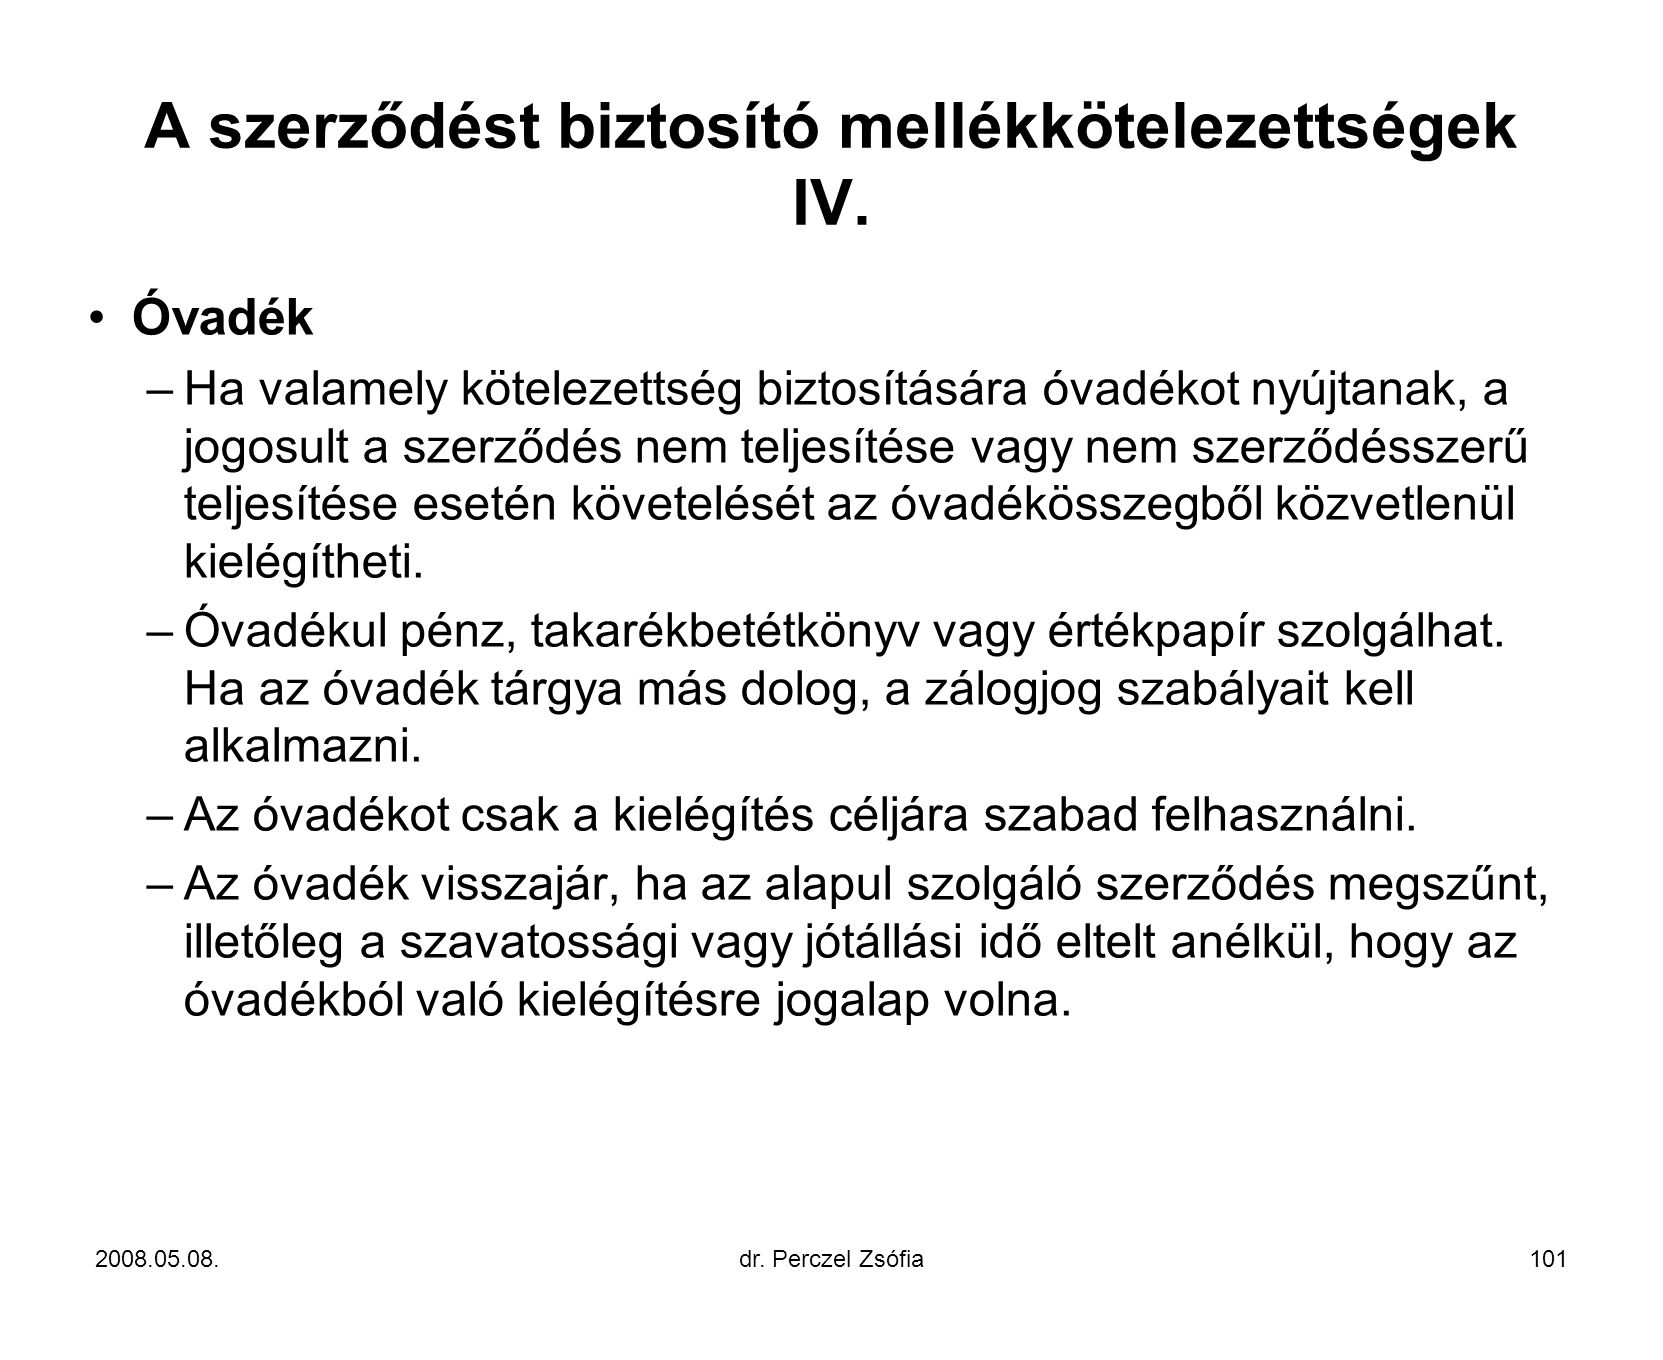 A szerződést biztosító mellékkötelezettségek IV.